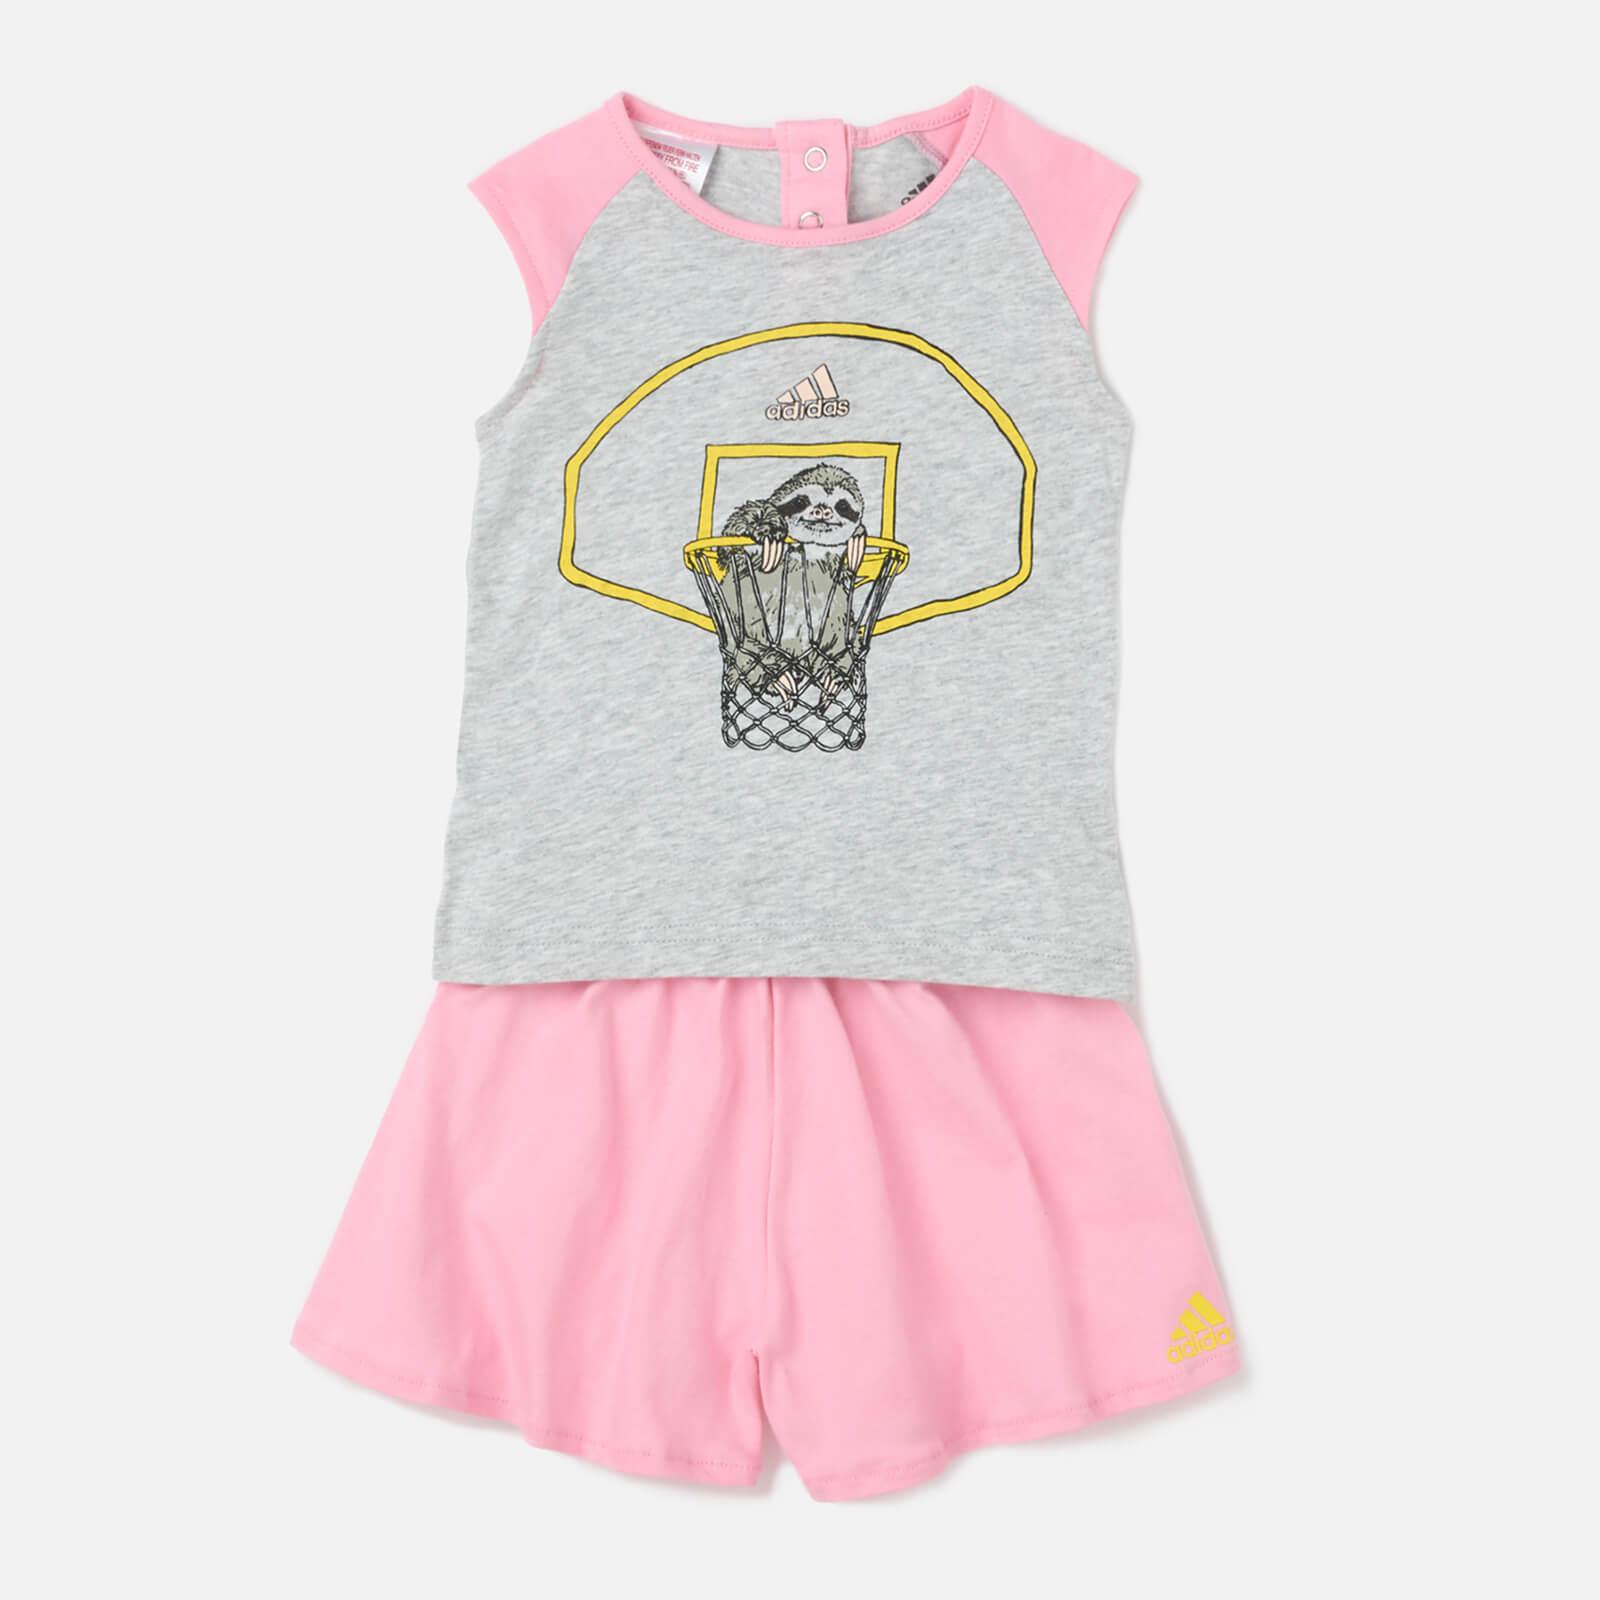 adidas Girls' Animal T-Shirt Set - Grey - 12-18 months - Grey